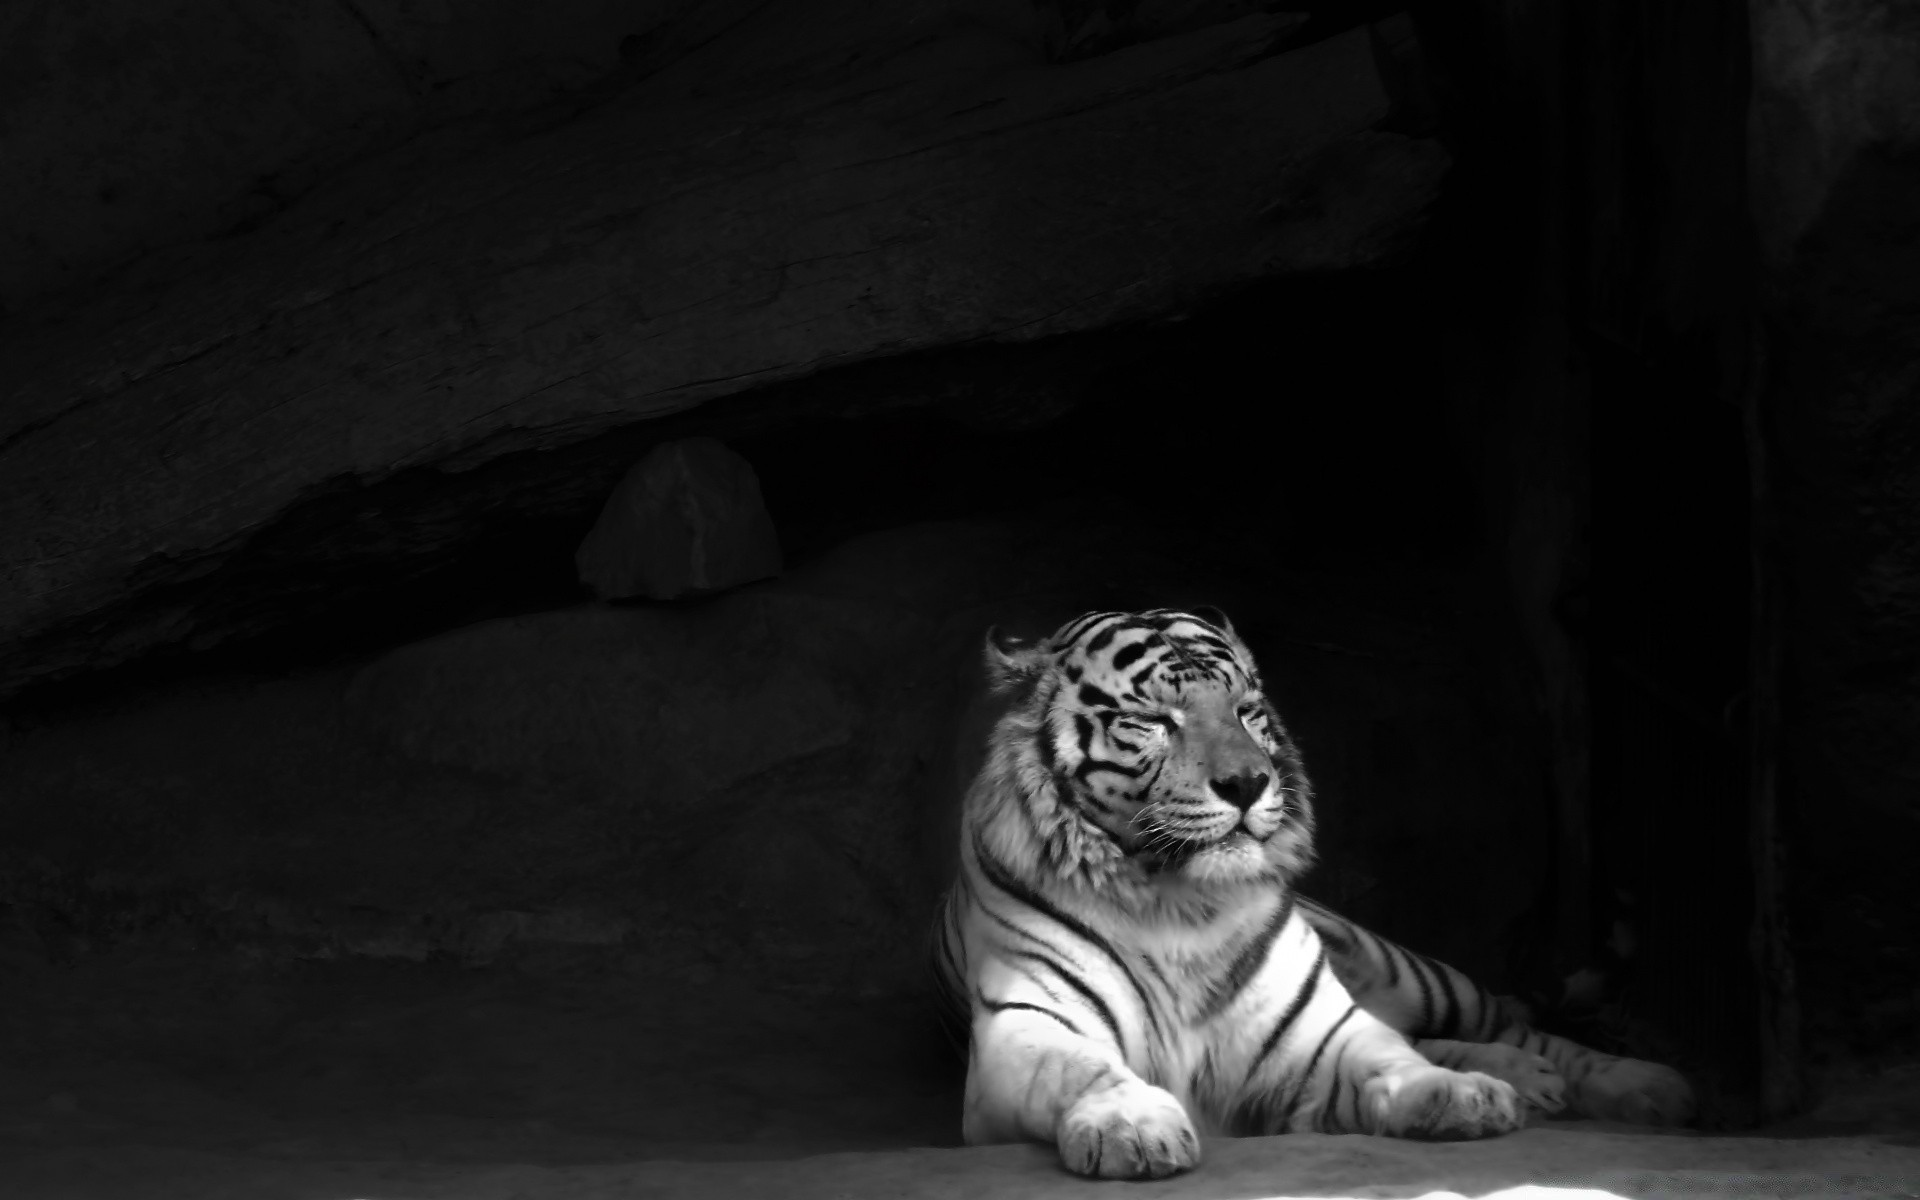 картинки на телефон черно белые тигр фотографы специализируются